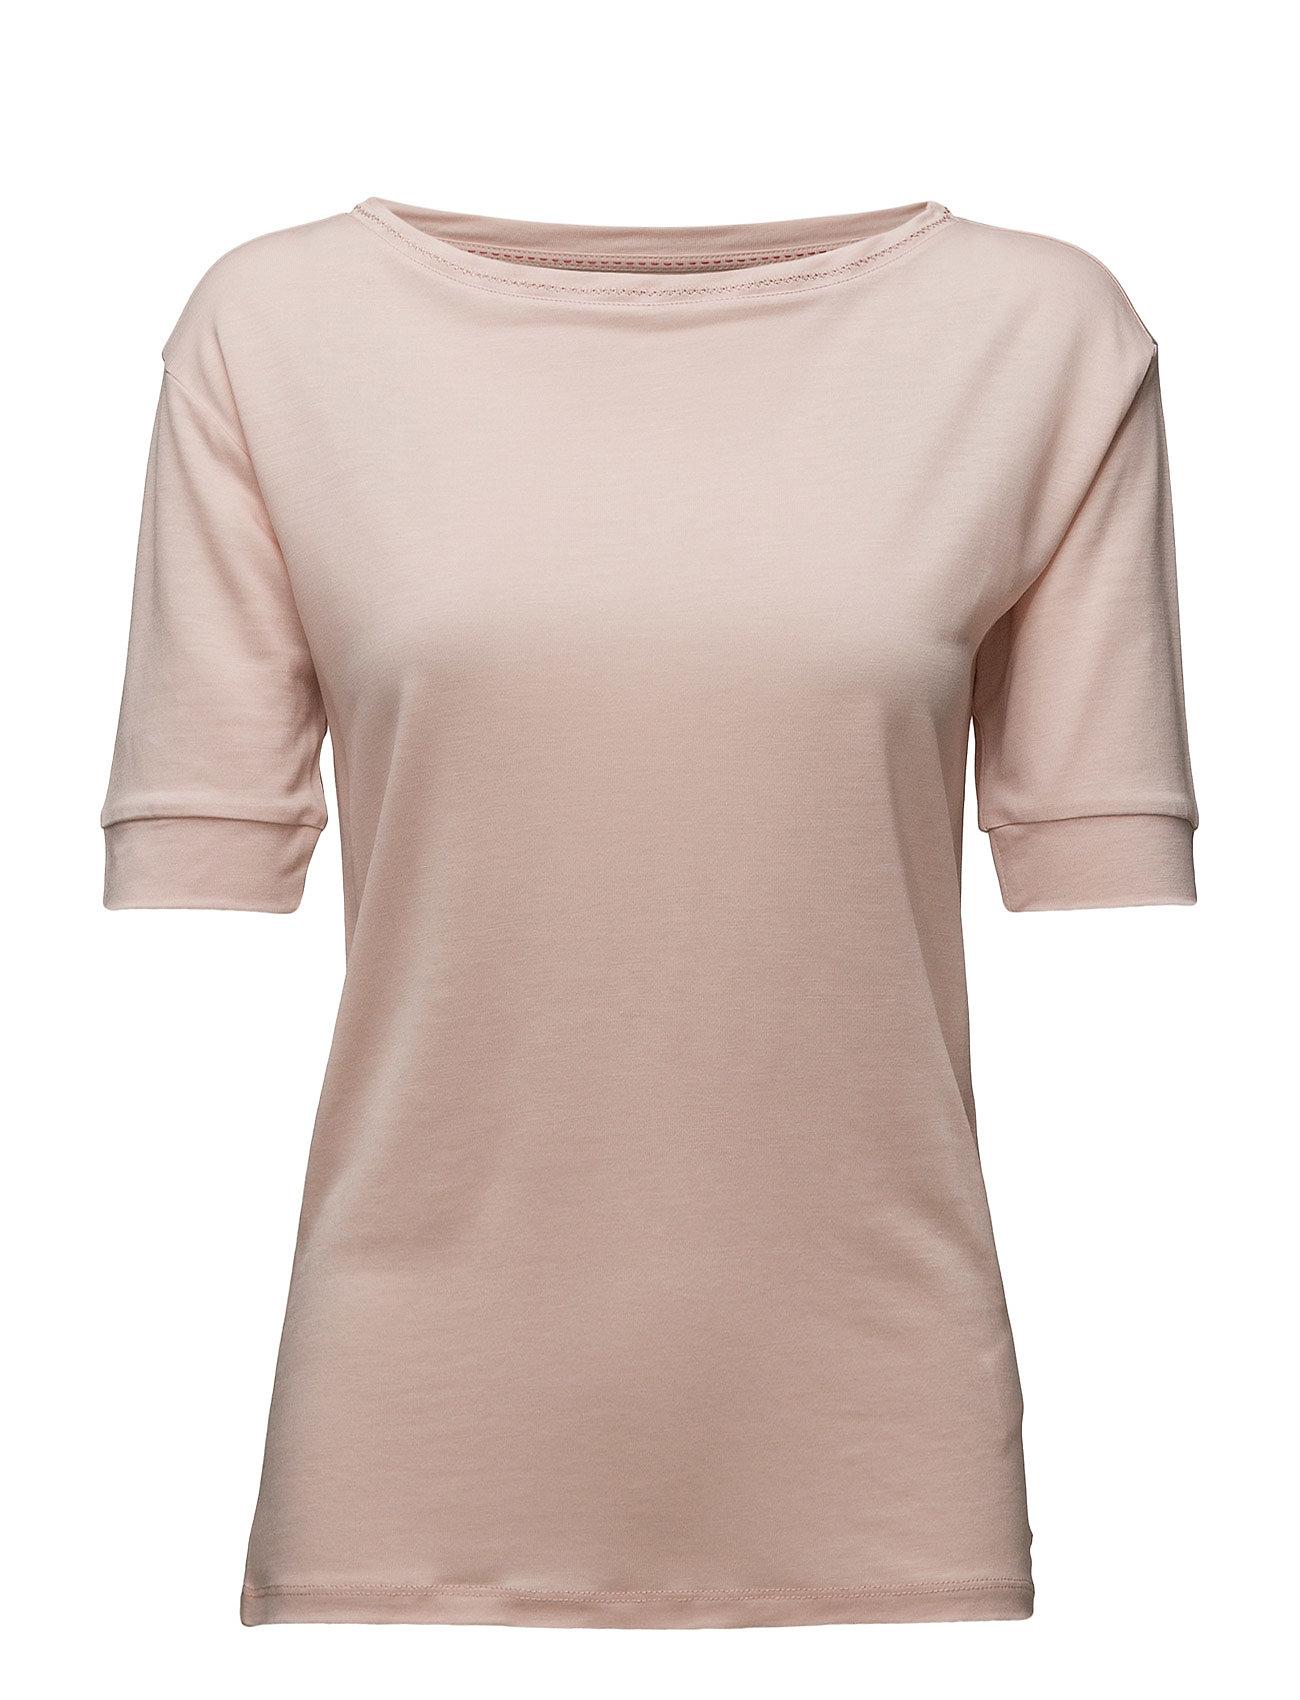 Charlie  Round-Nk 1/2 Slv Tommy Hilfiger T-shirts & toppe til Kvinder i